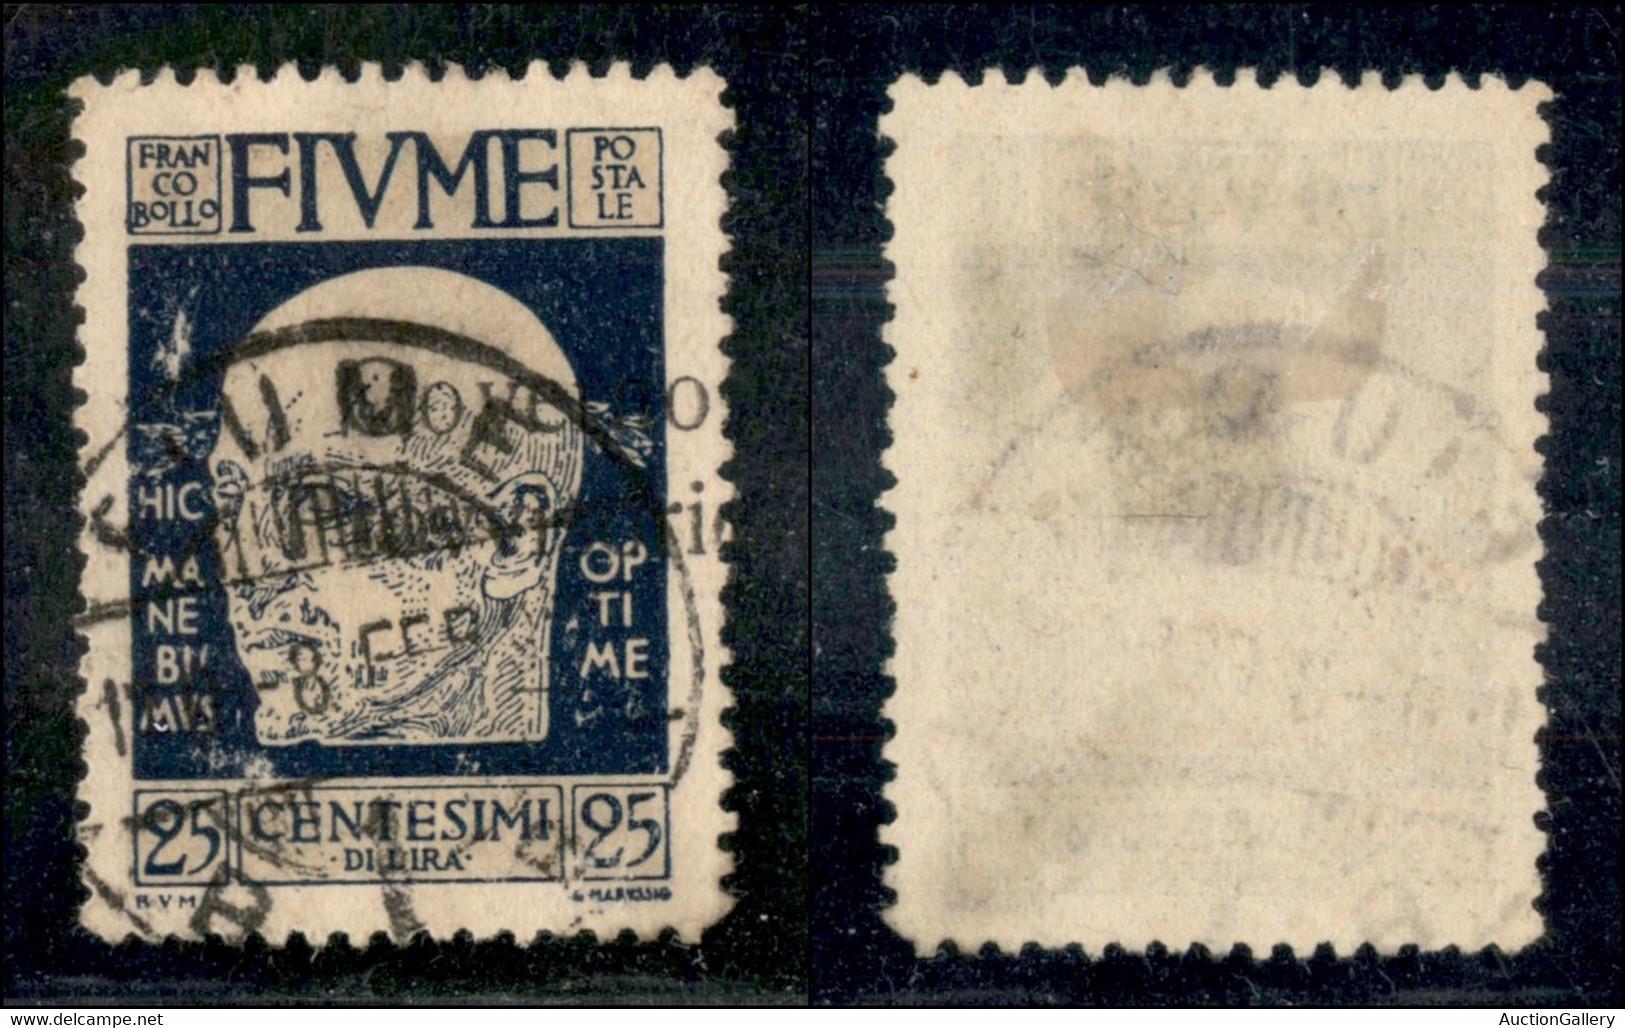 Occupazioni I Guerra Mondiale - Fiume - 1921 - 25 Cent Governo Provvisorio (153oh) Usato - O Di Provvisorio A Cavallo (s - Non Classificati